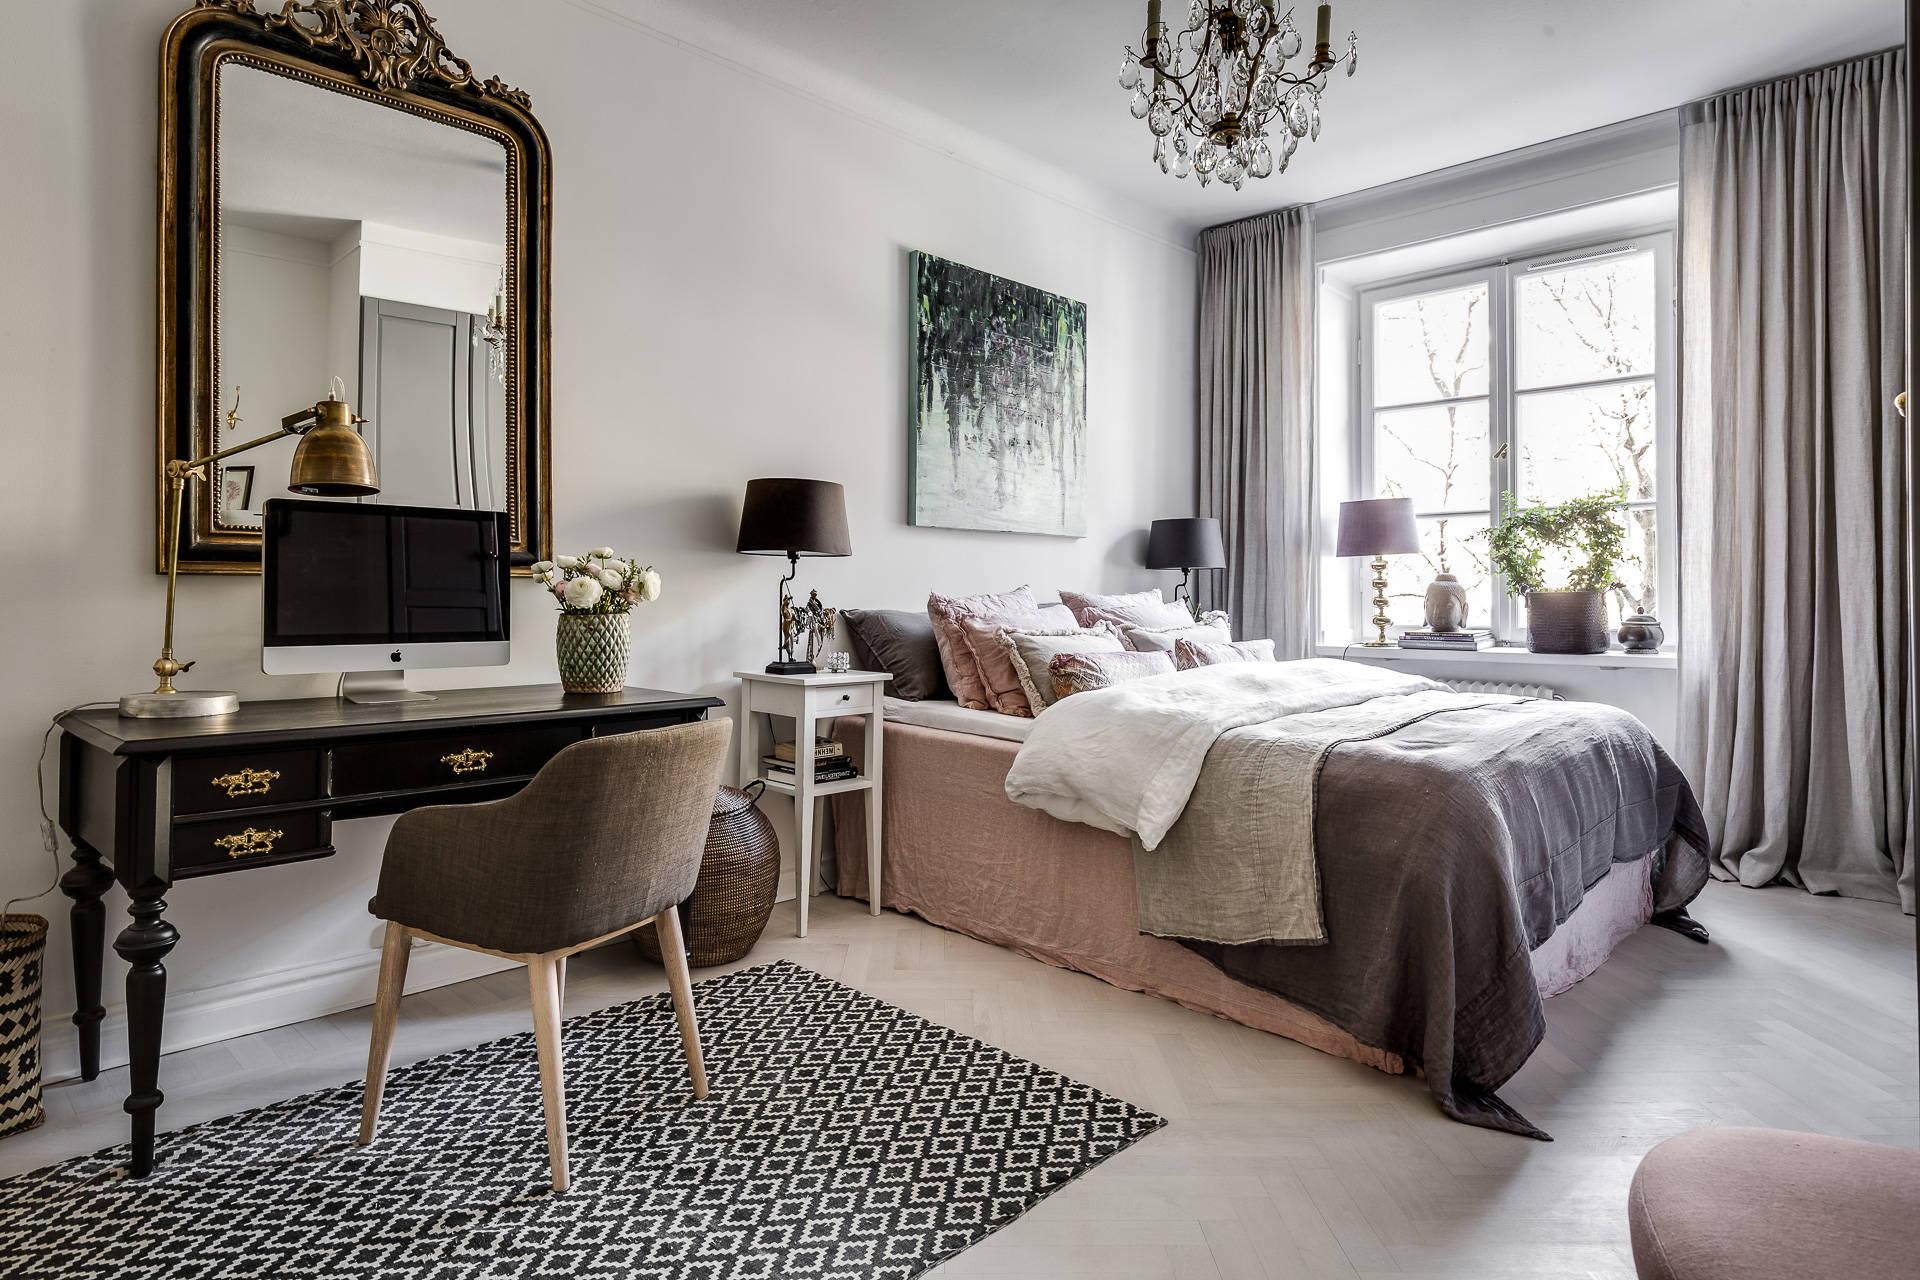 спальня кровать зеркало консоль кресло